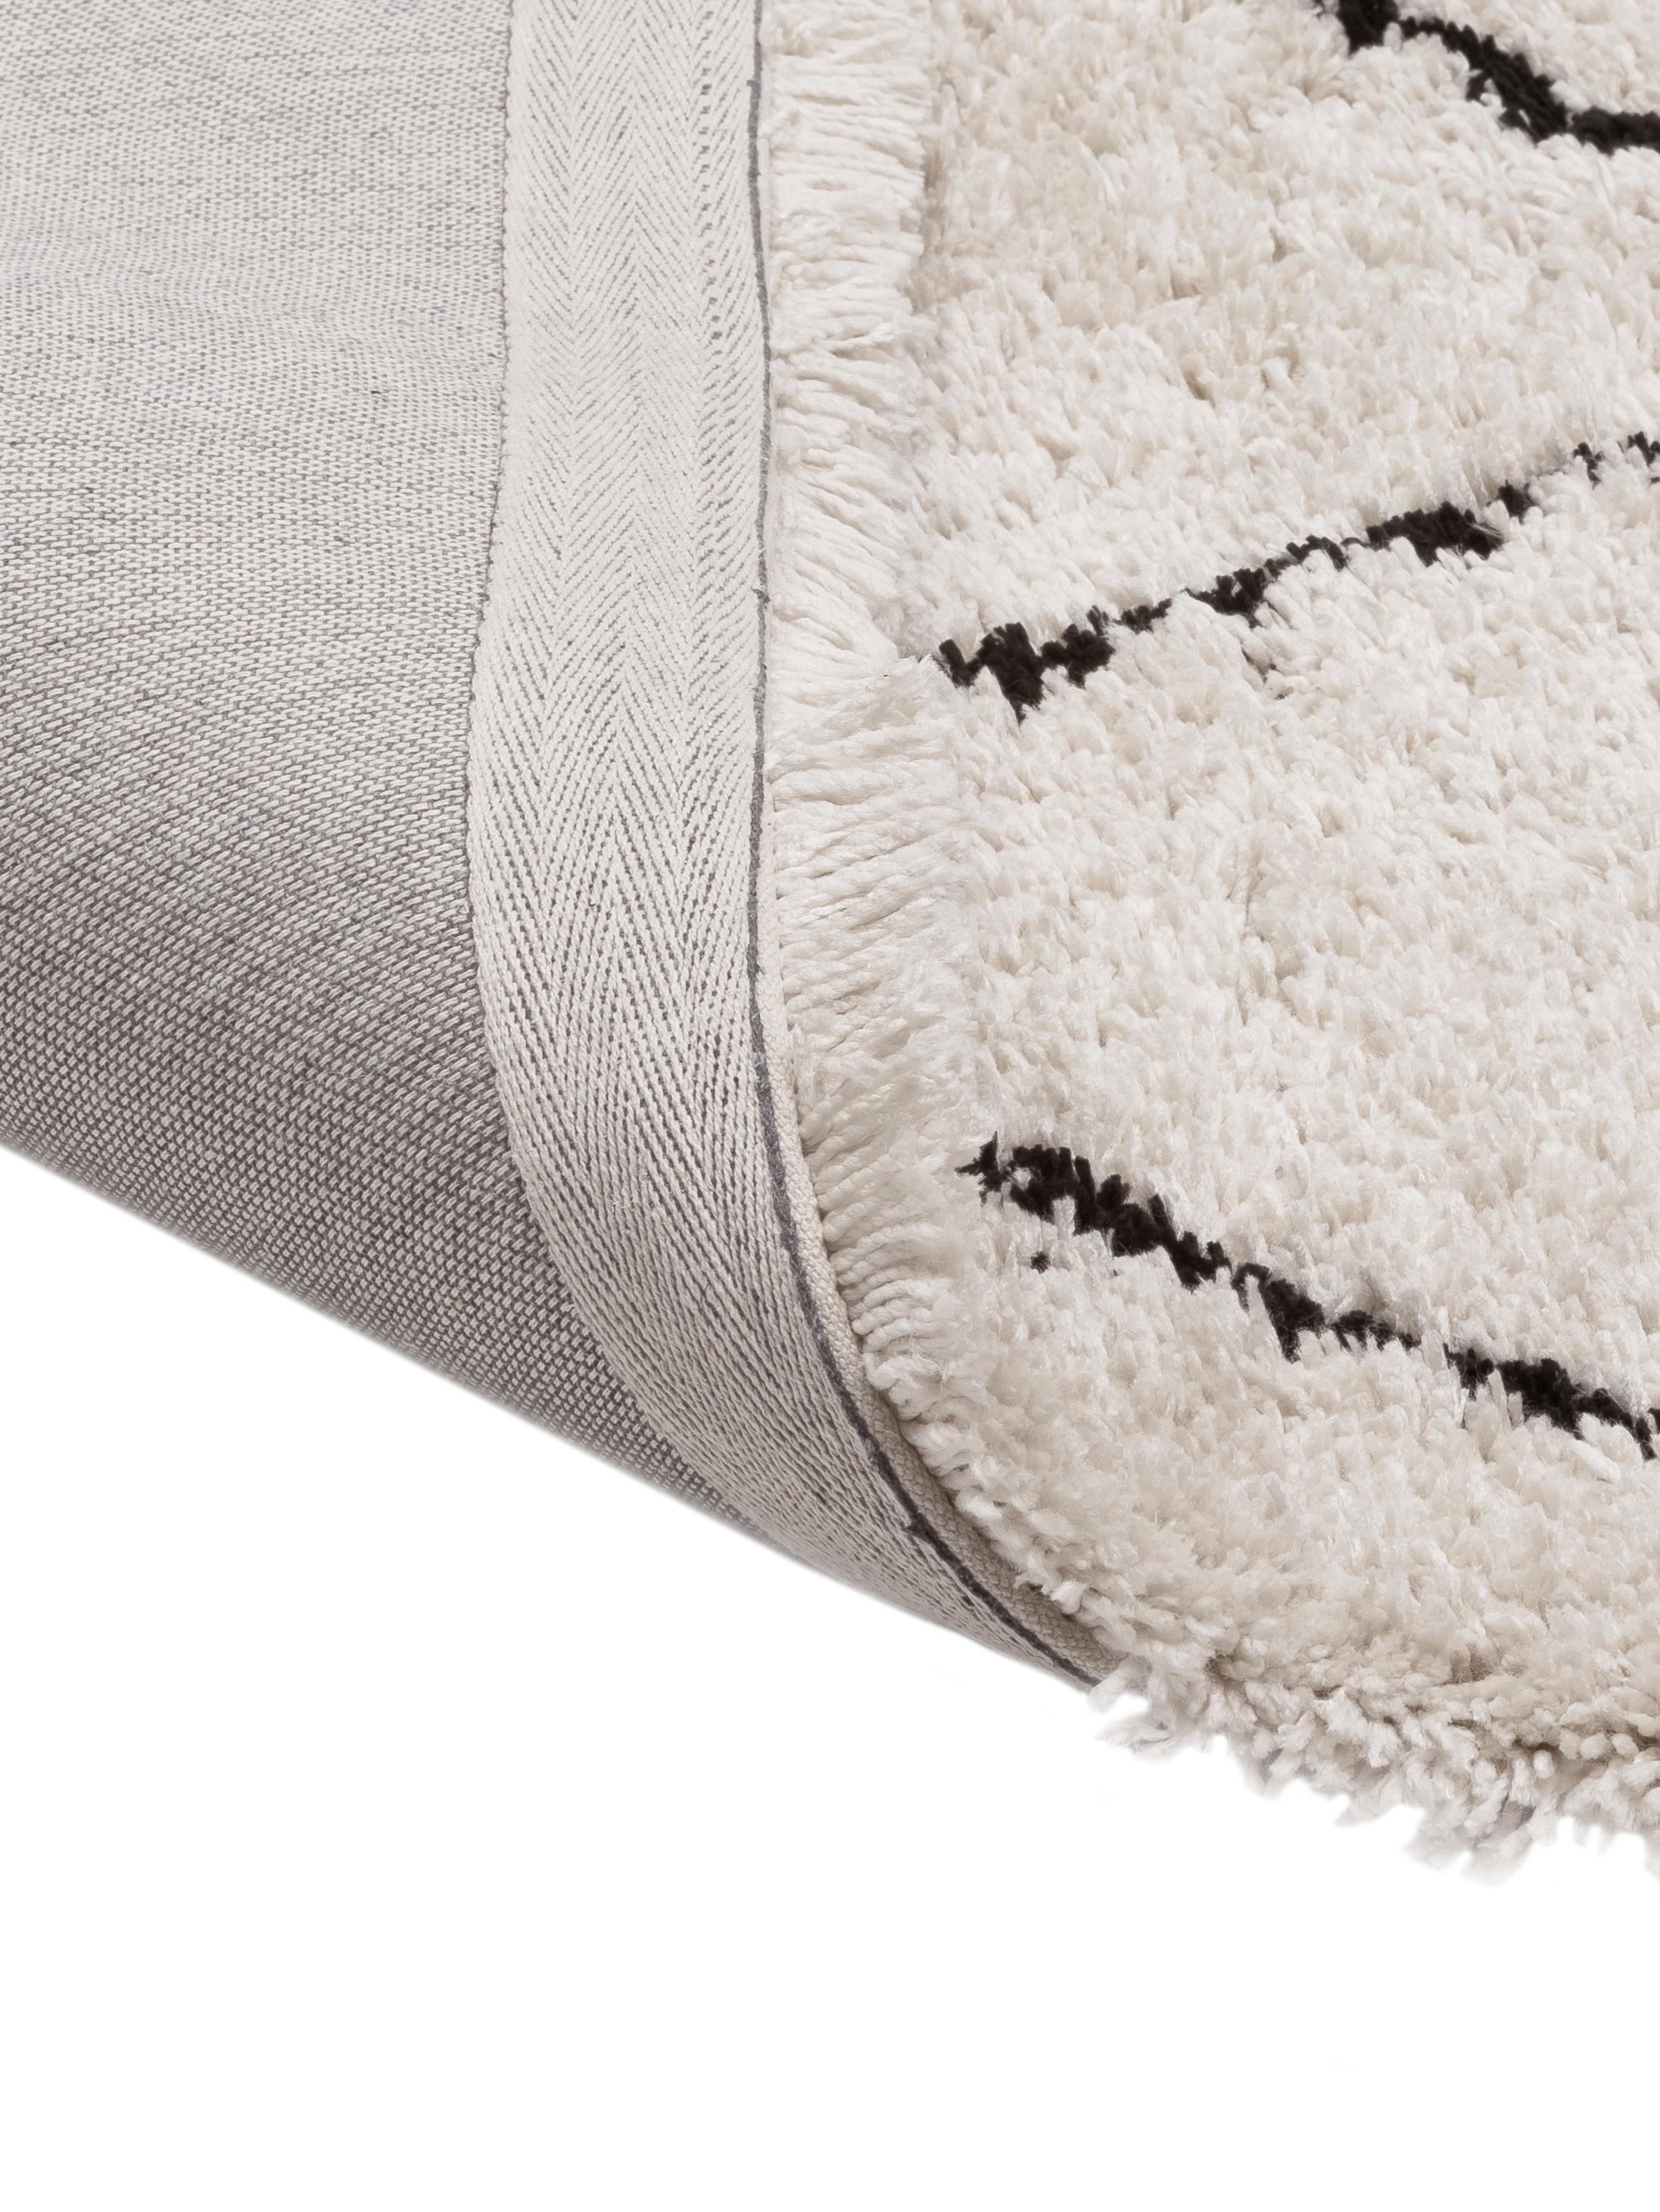 Tappeto a pelo lungo taftato a mano Naima, Retro: 100% cotone, Beige, nero, Larg. 120 x Lung. 180 cm (taglia S)